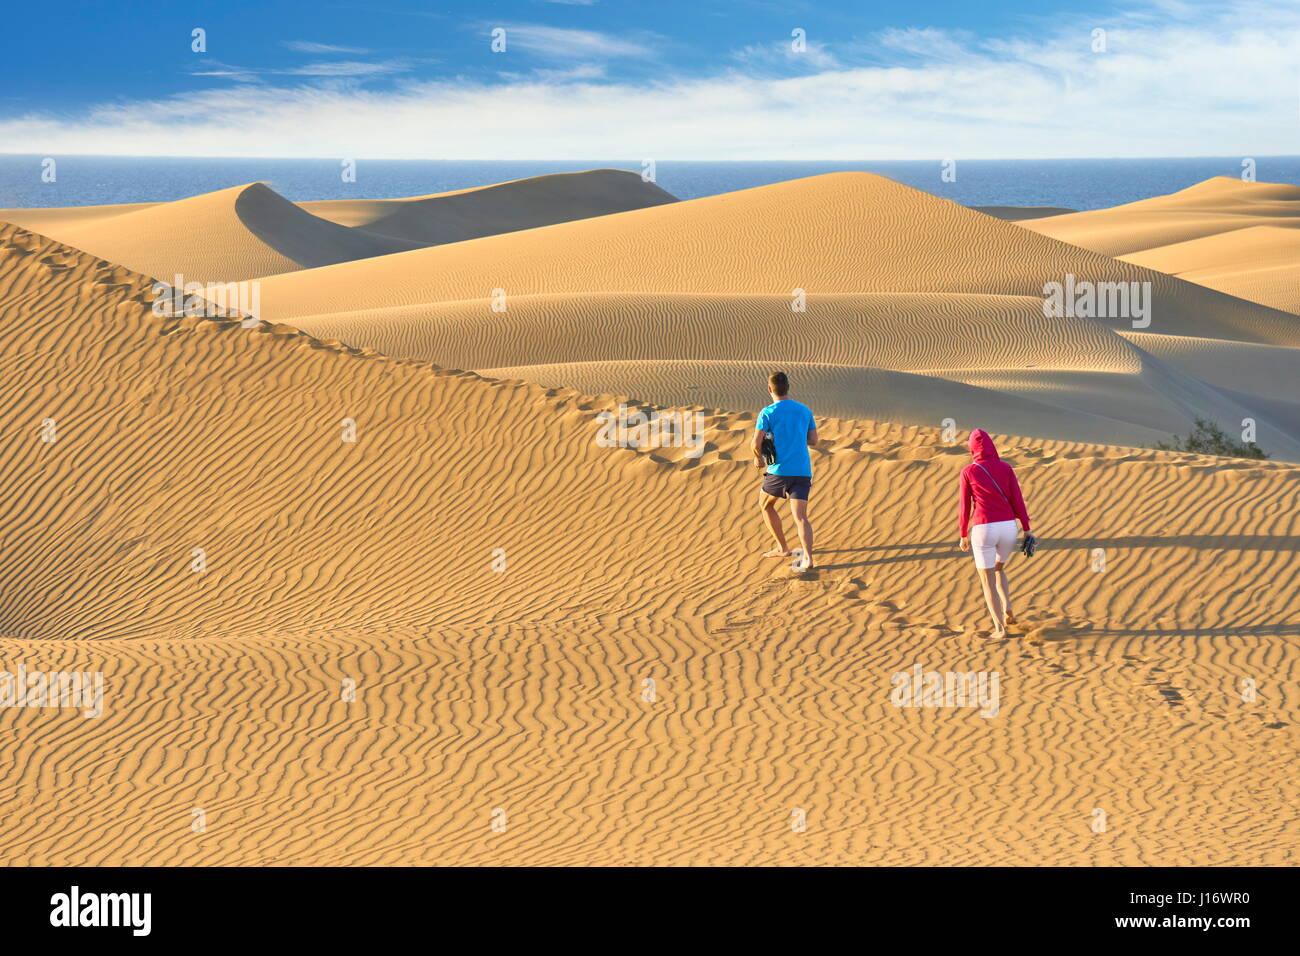 Touristen auf Maspalomas Sand Dunes National Park, Kanarische Inseln, Gran Canaria, Spanien Stockbild